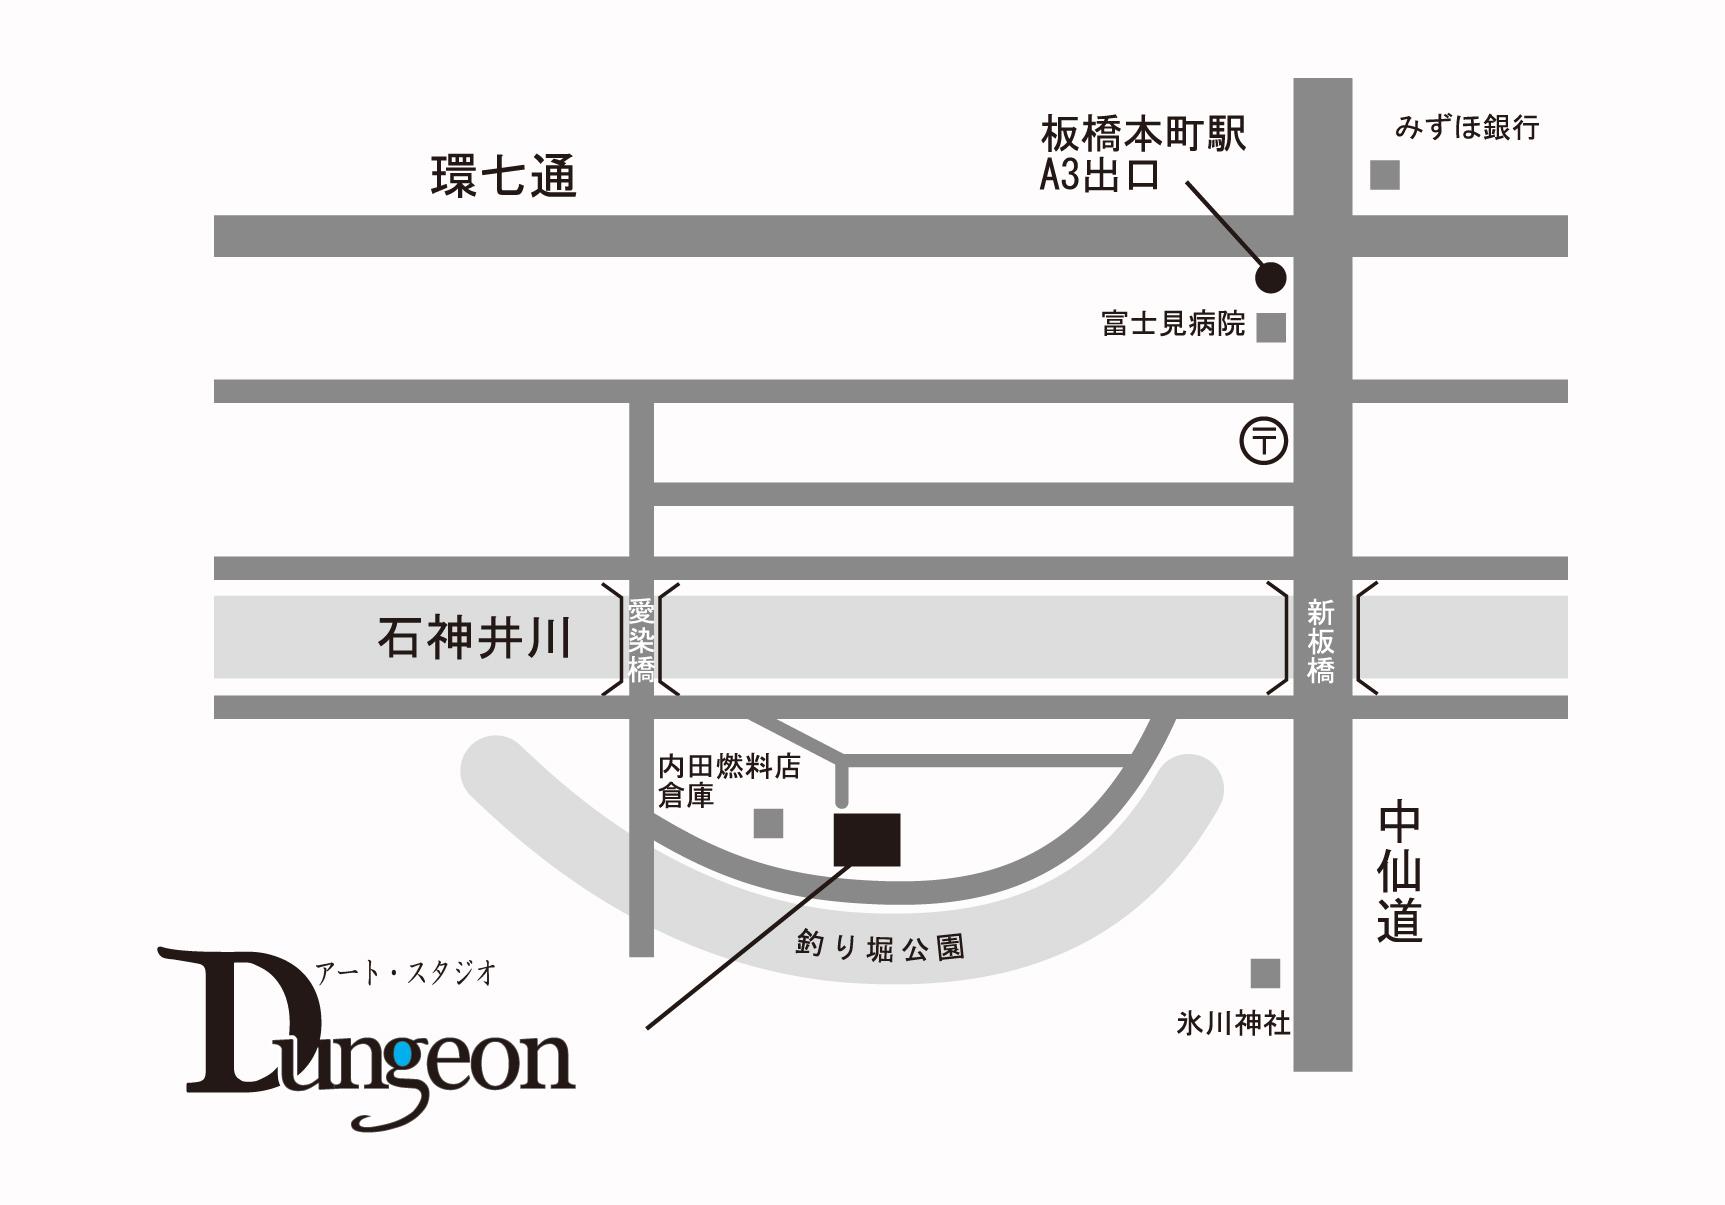 10年の歳月を経て、今度は ひんでん ちゃん が「板橋本町ダンジョン」に。